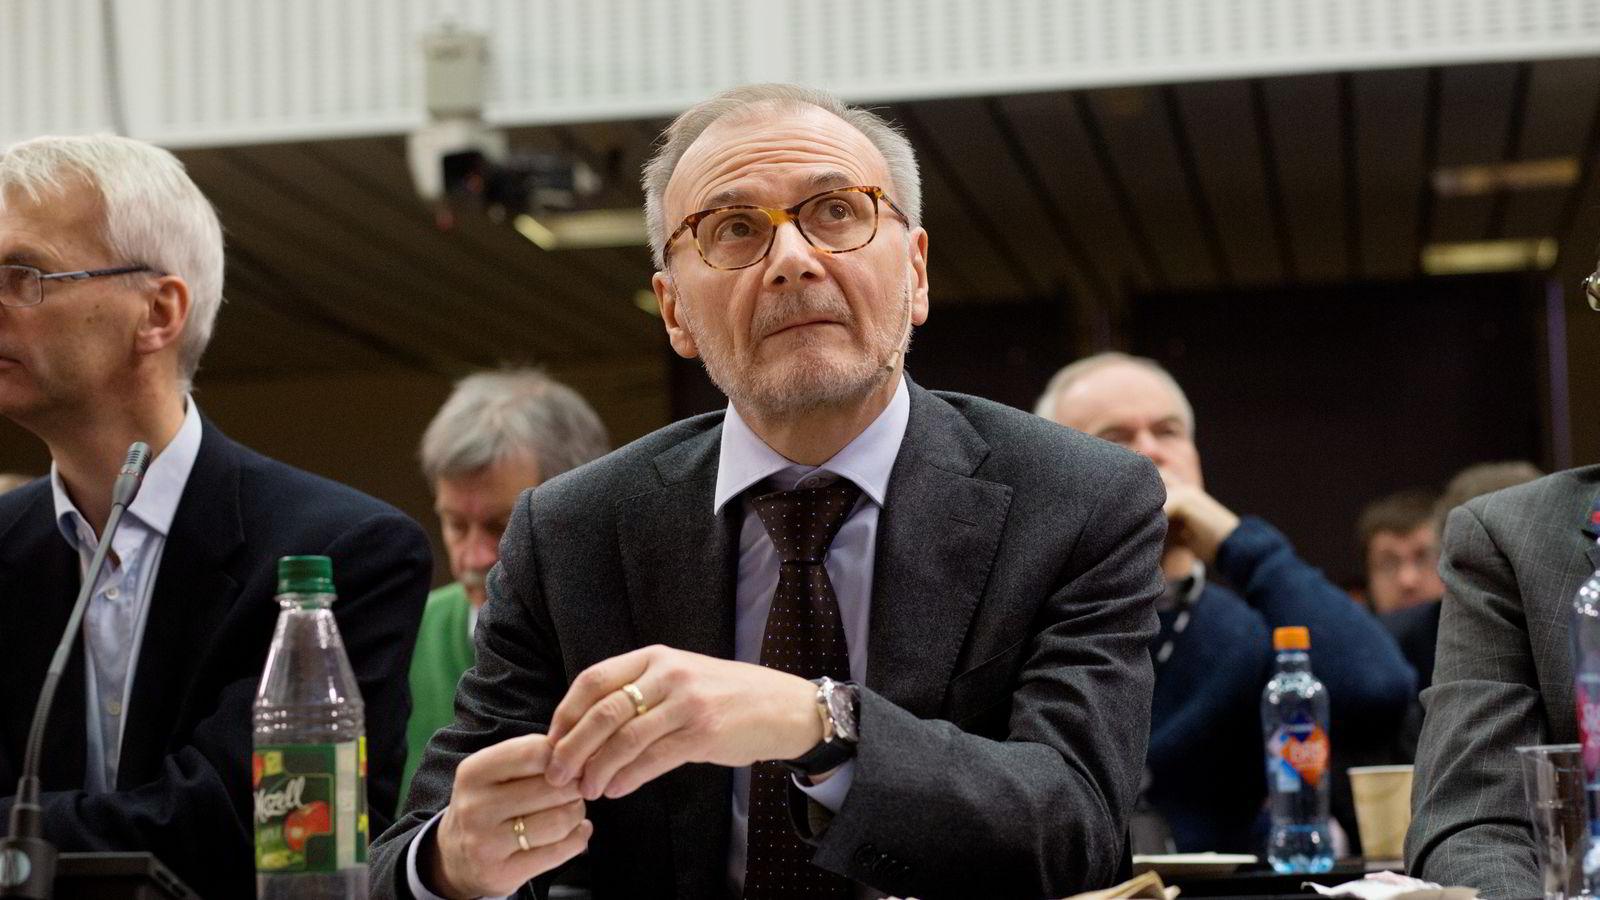 BEKYMRET. Oljeprisfall vil merkes i Norge, understreker sjeføkonom Knut Anton Mork i Handelsbanken.